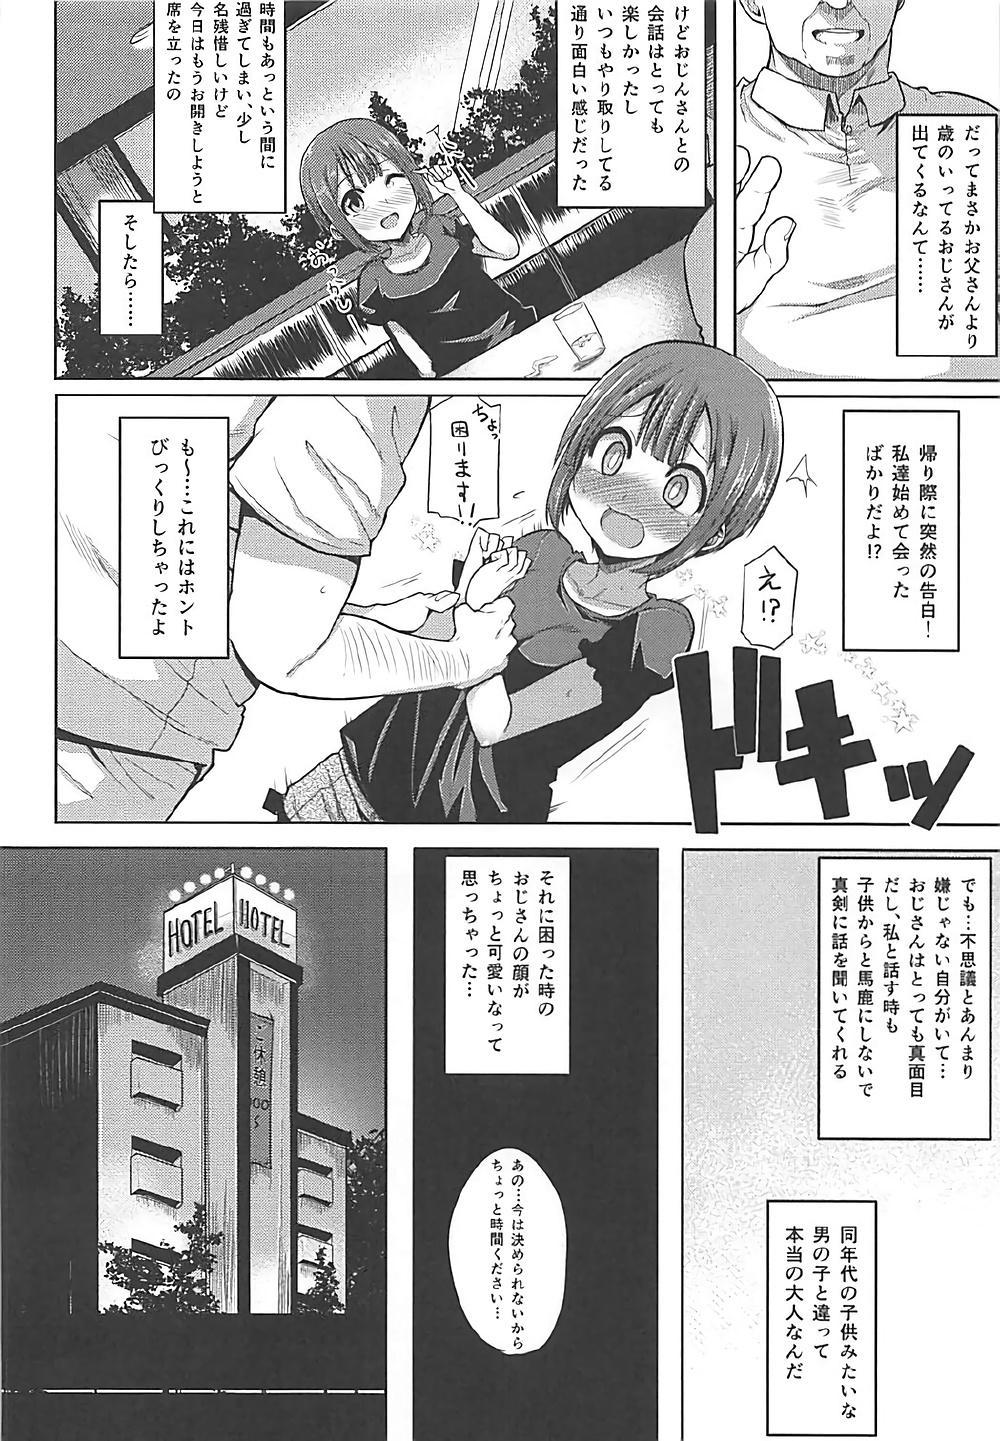 Rorinoutage Sairokushuu 26